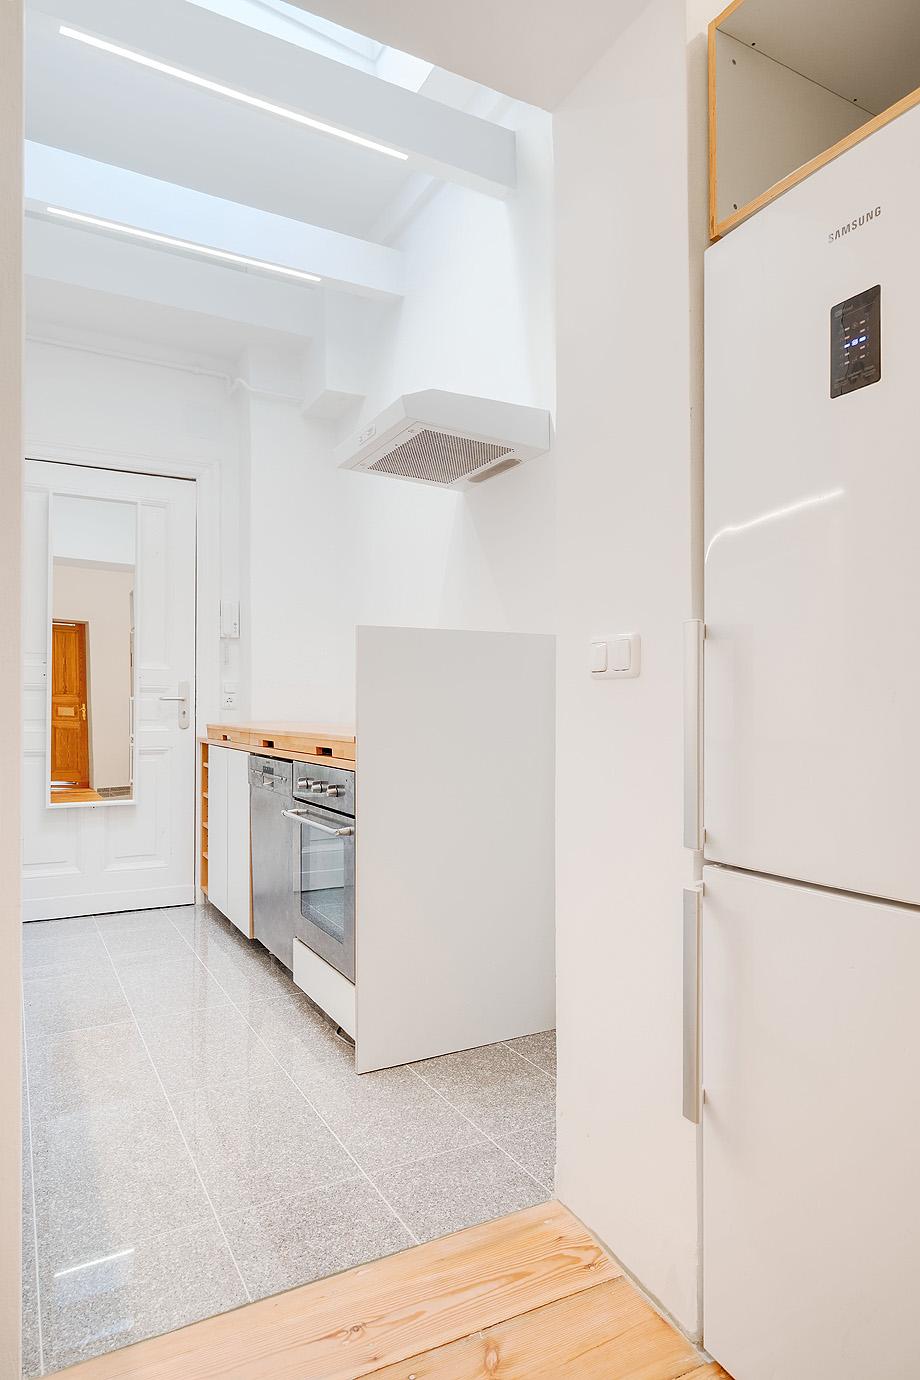 apartamento am106 de paola bagna - foto ringo paulusch (38)